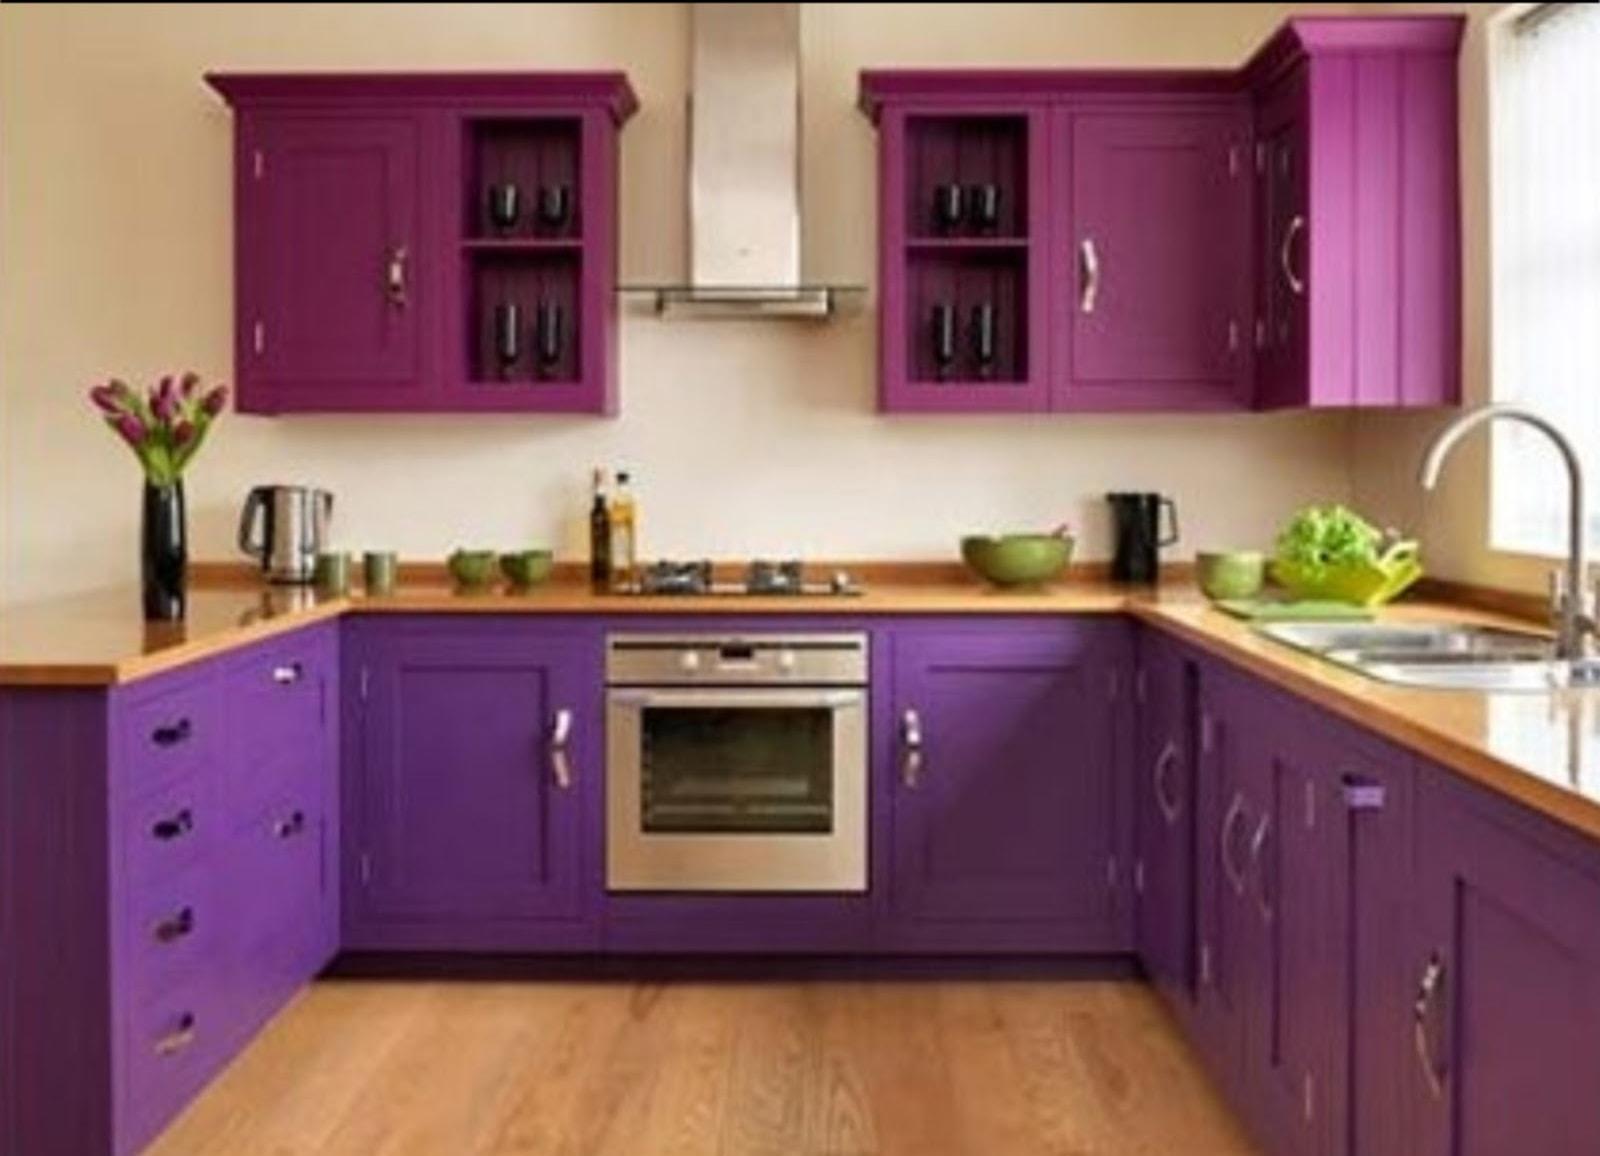 40 Inspirasi Desain Dapur Minimalis Warna Ungu Yang Indah Dan